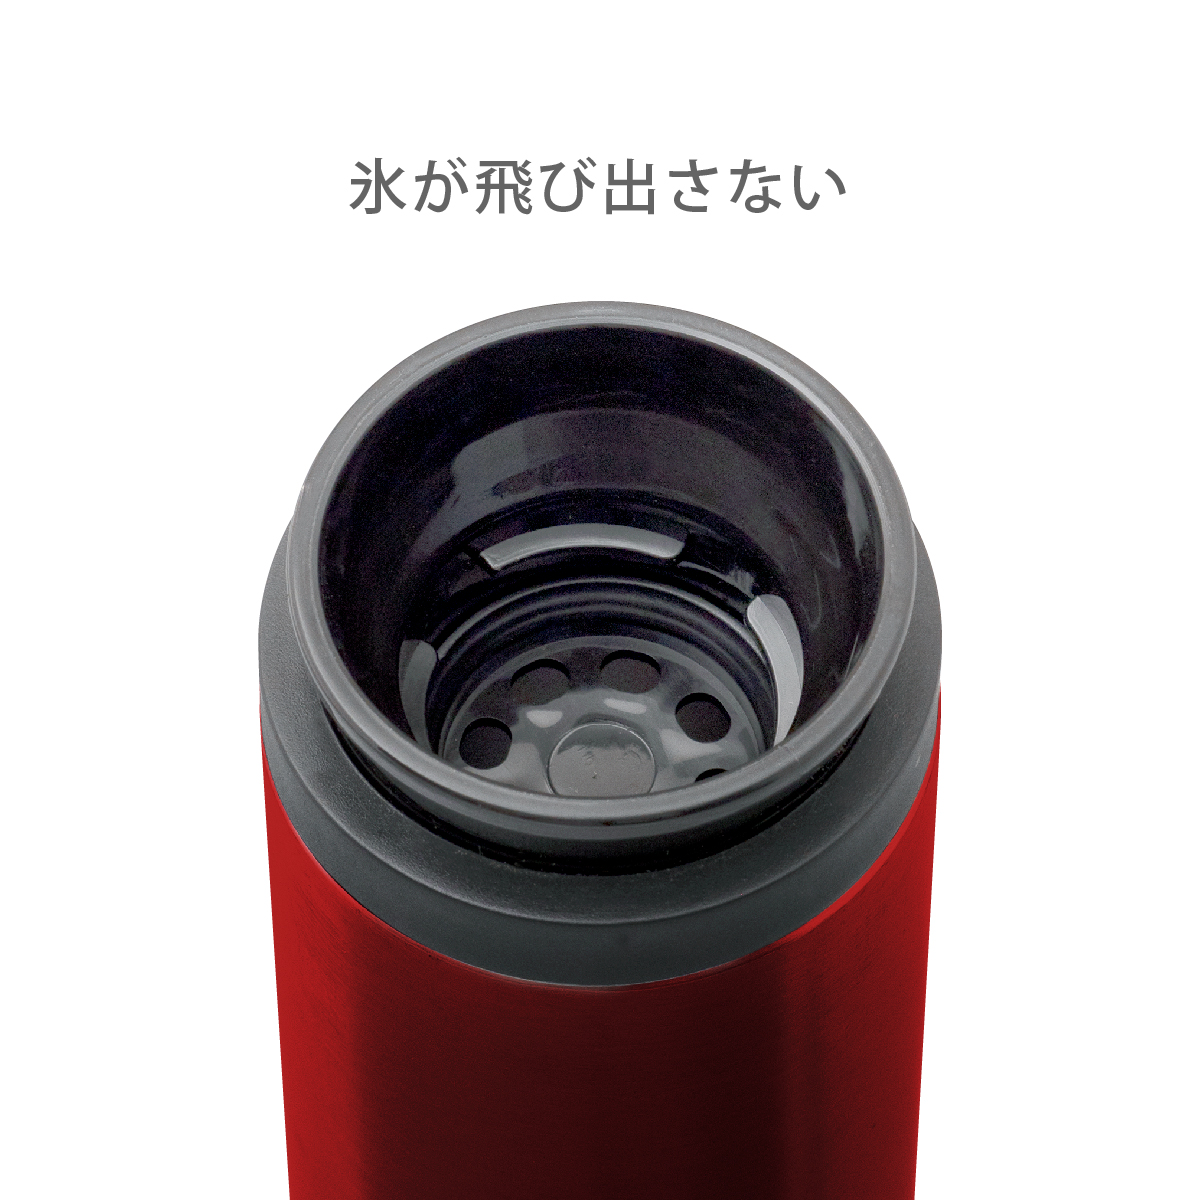 LIFEGUARD マグボトル 350ml レッド image03